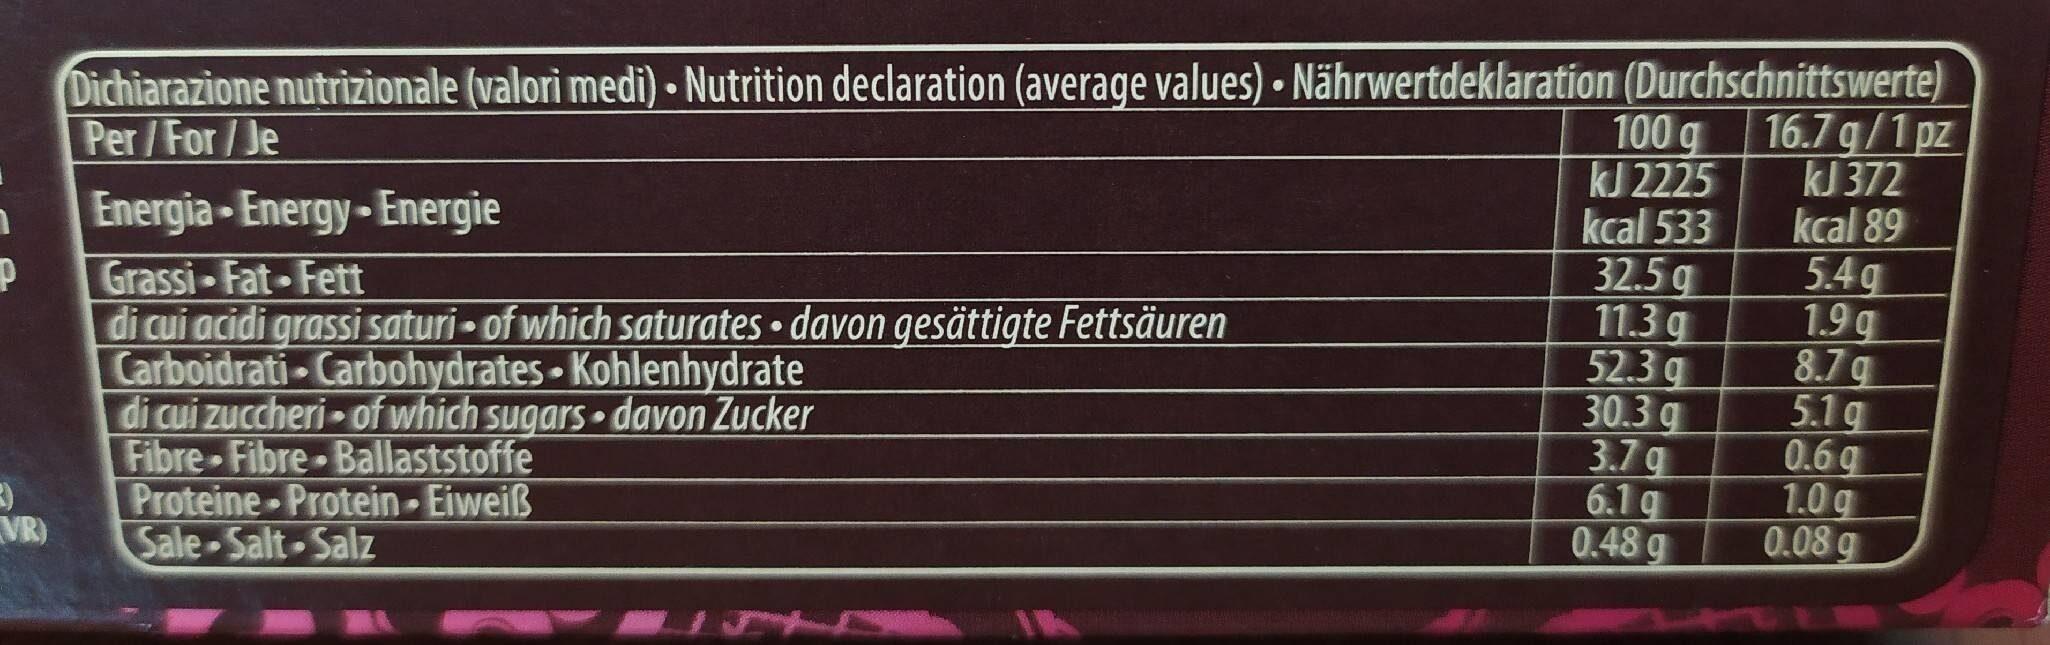 Grisbì Passion - Informazioni nutrizionali - it